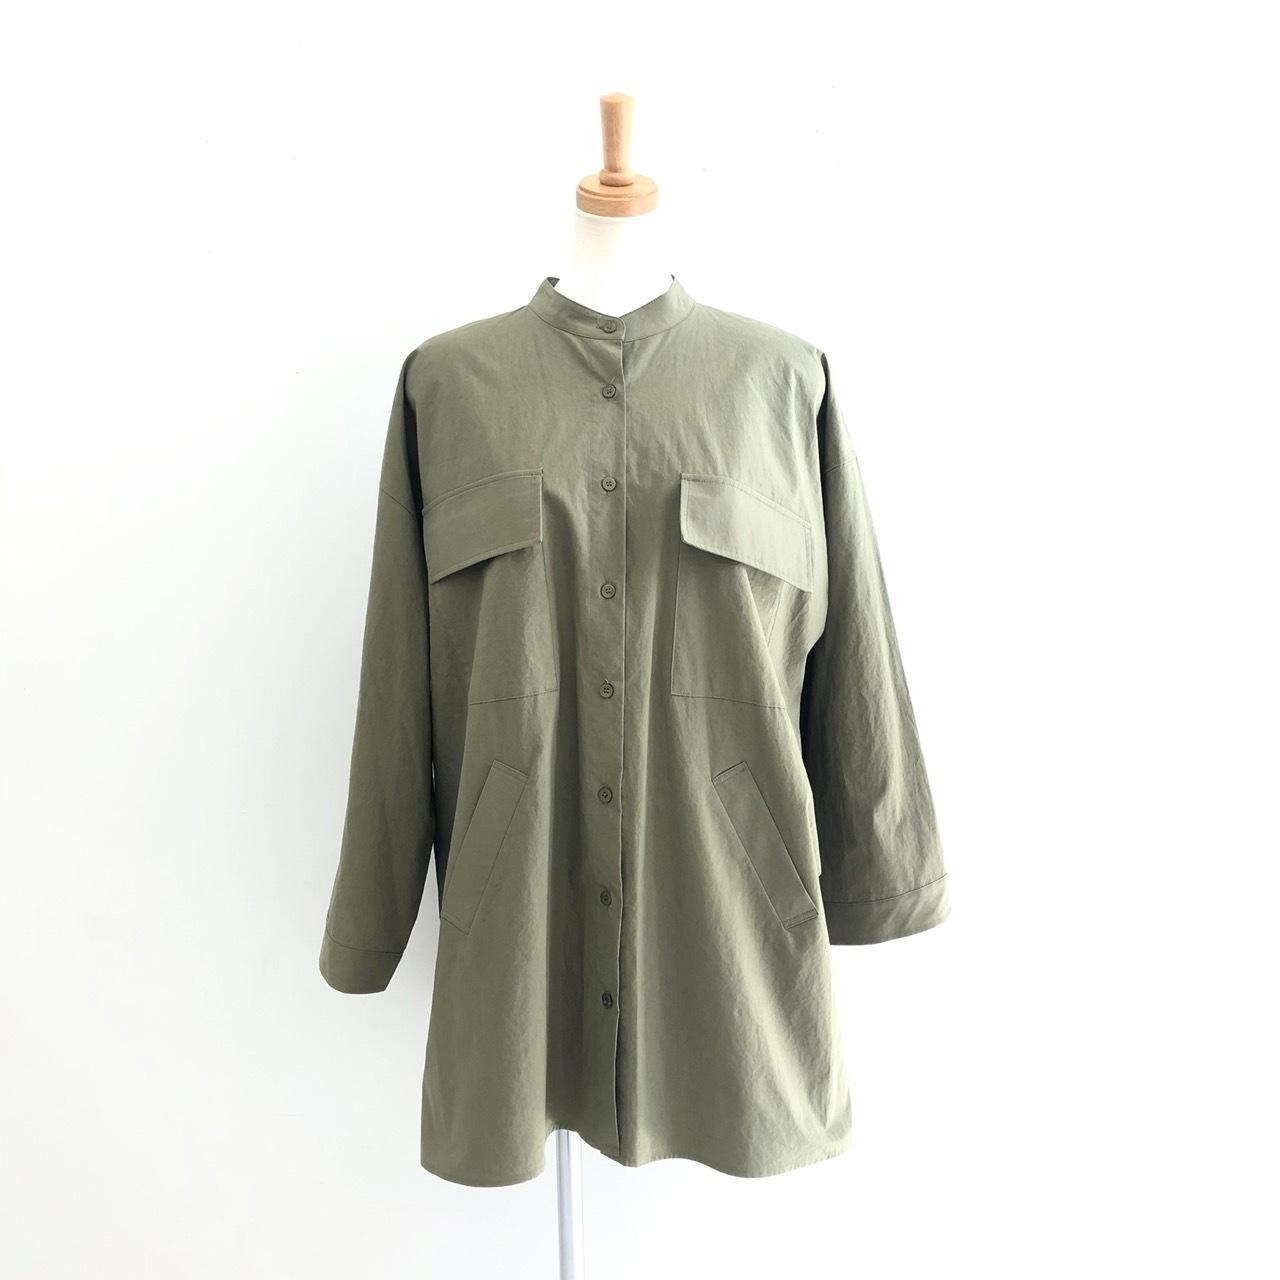 【 Days 】- 120-1042 - ミリタリーシャツ